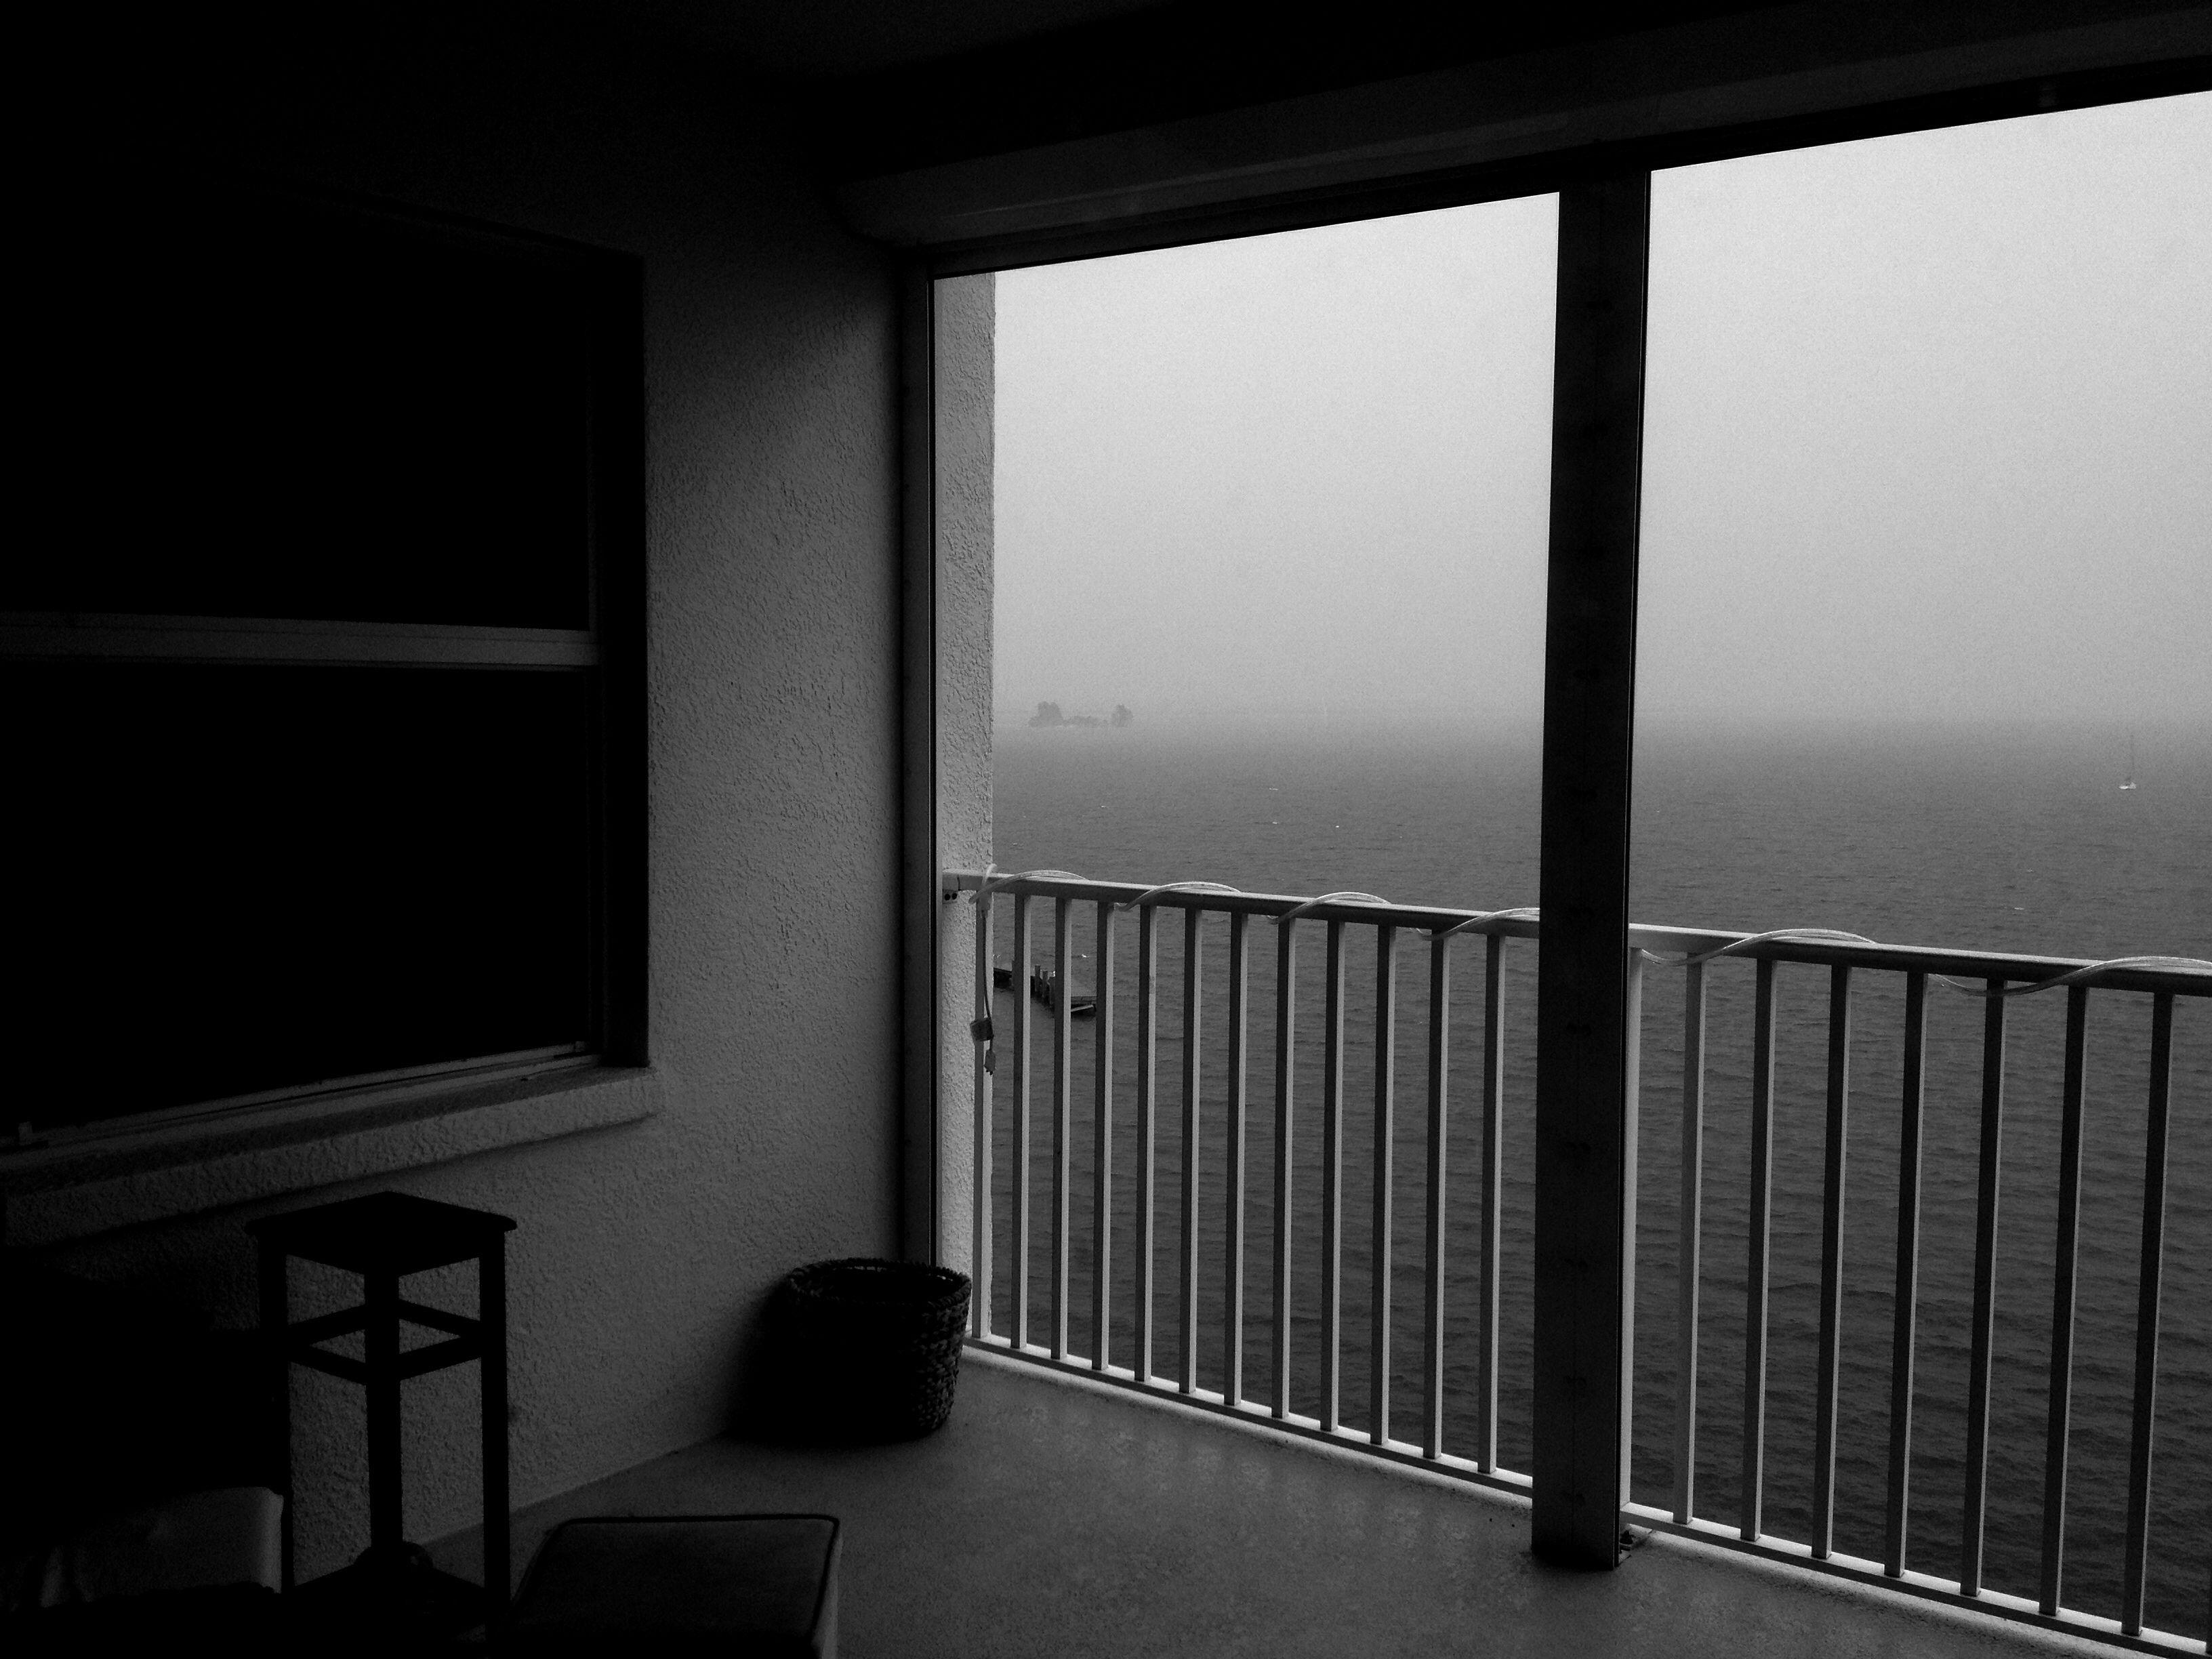 Overcast. Photo by Tracy Yoho